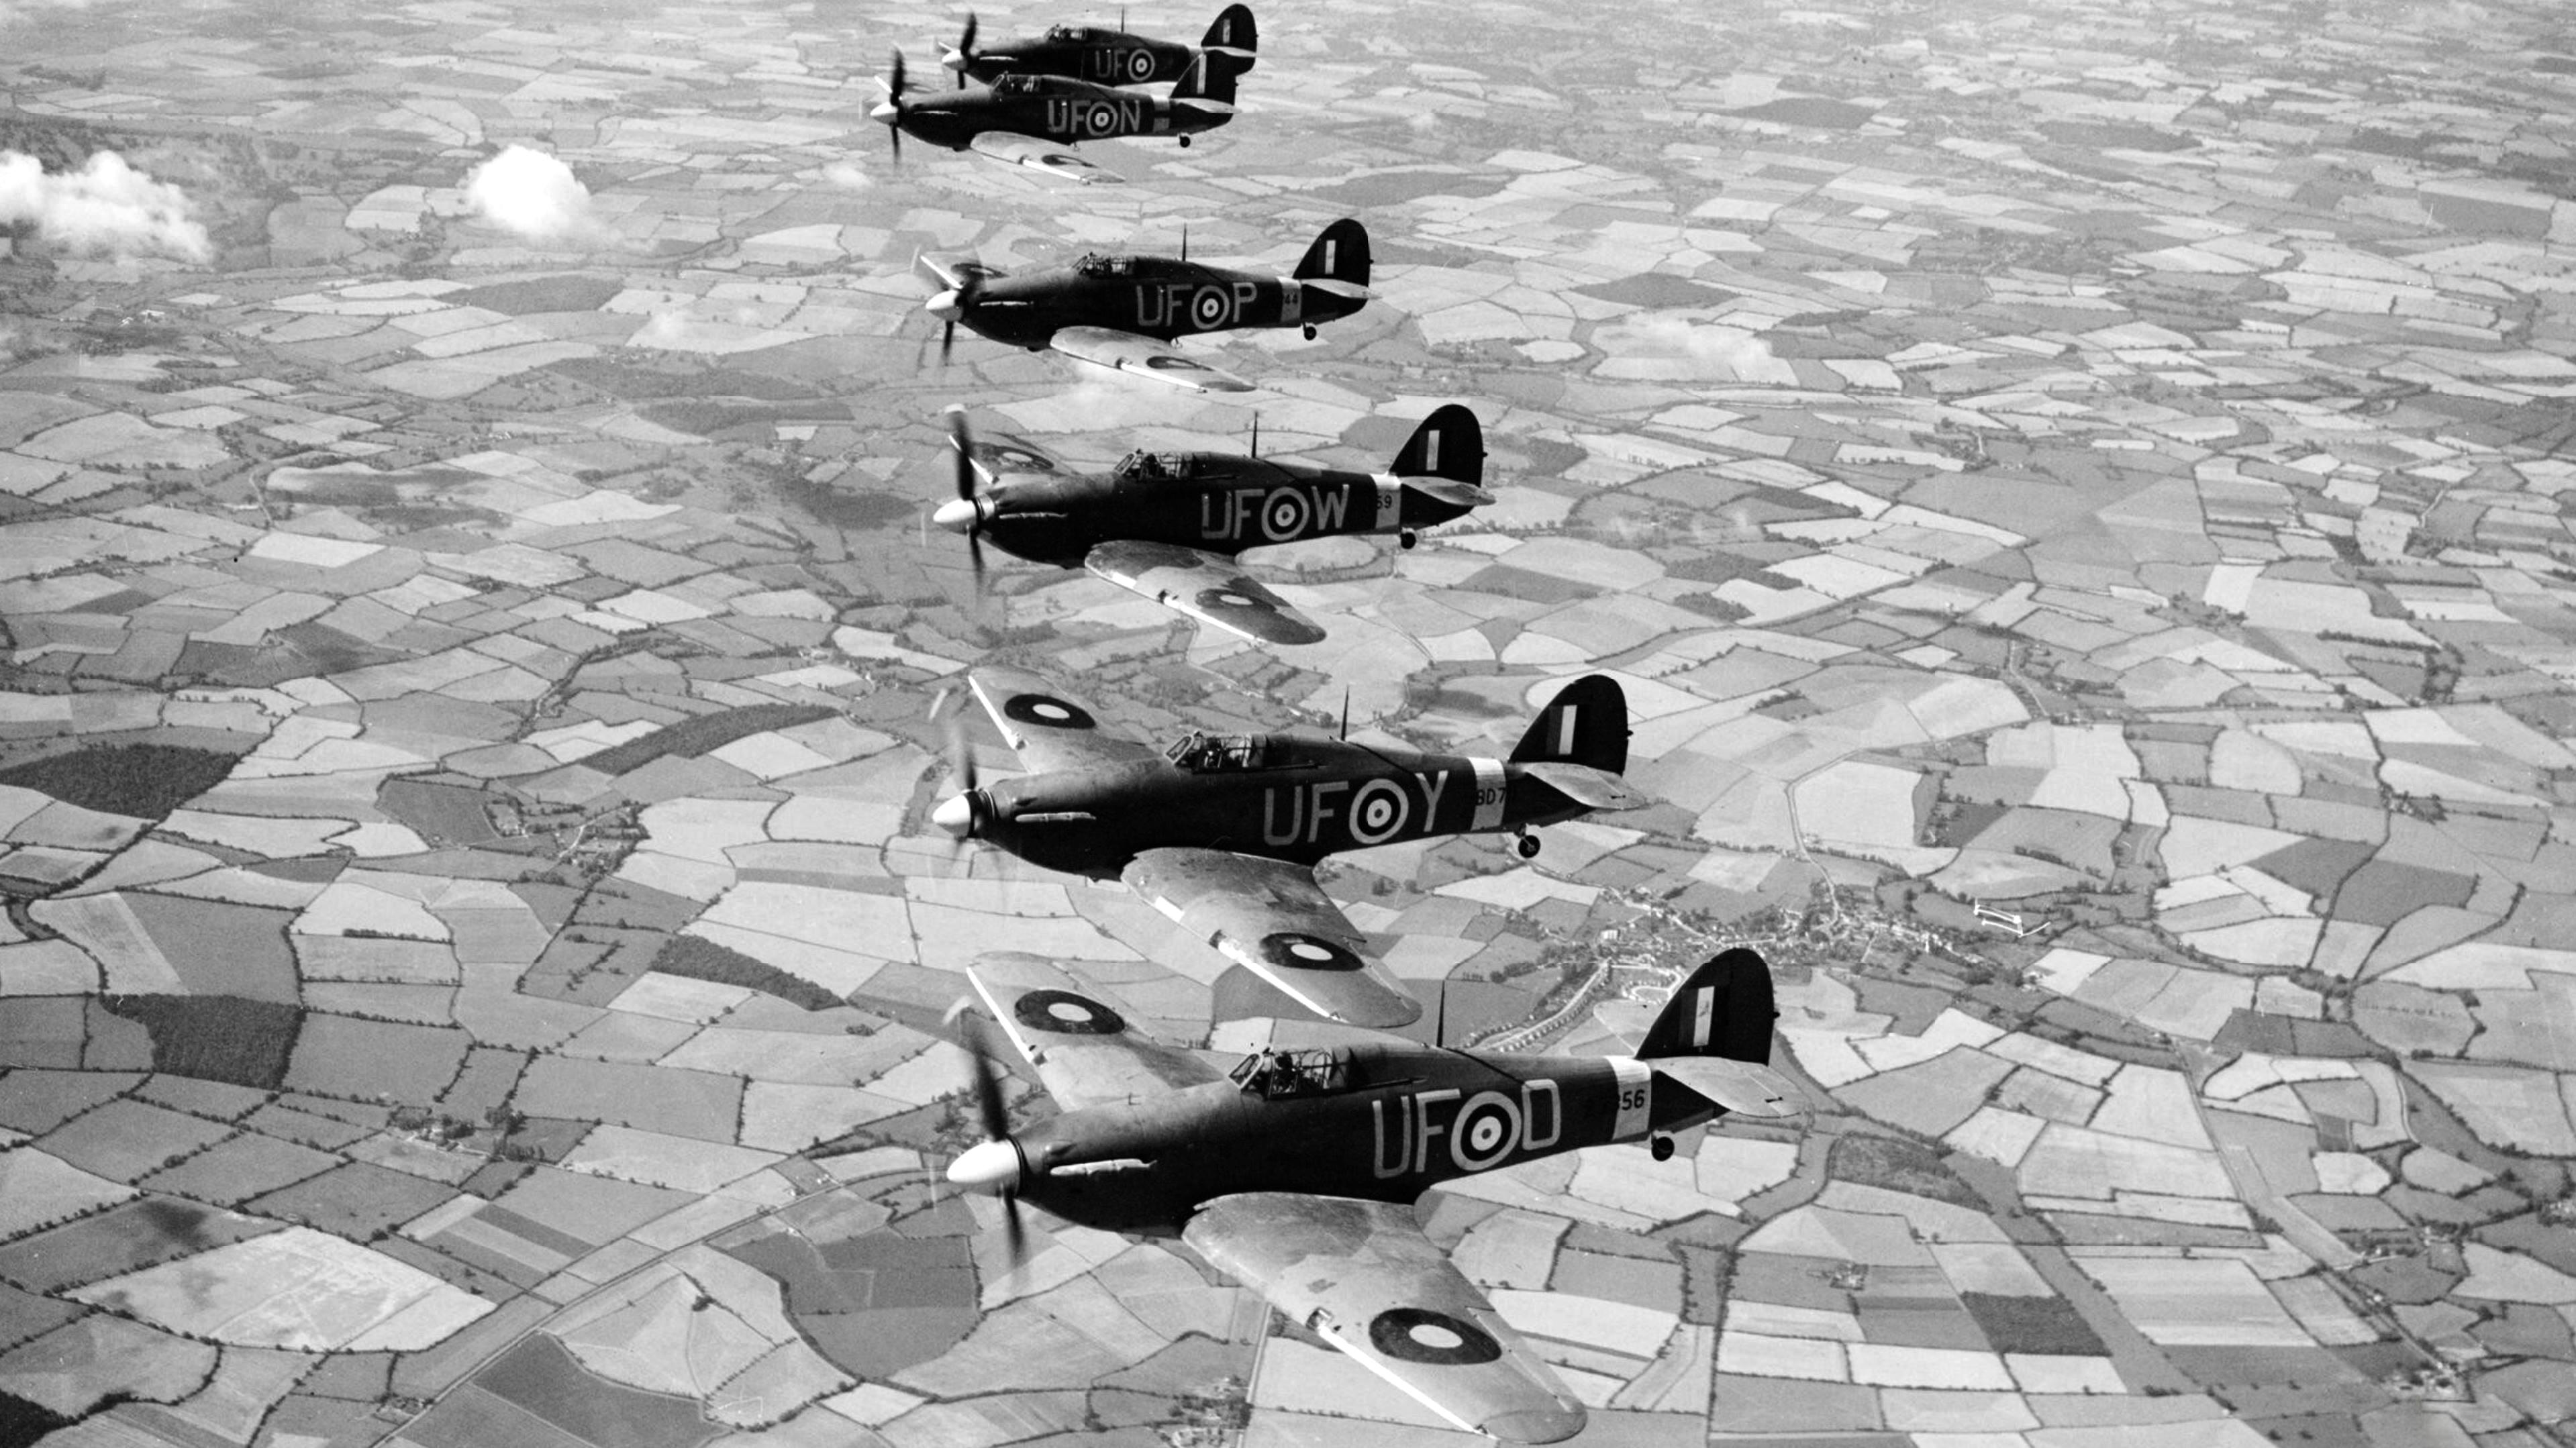 Hurricane IIb RAF 601Sqn UFD UFY UFW UFP UFN near Thaxted Essex IWM CH3517a